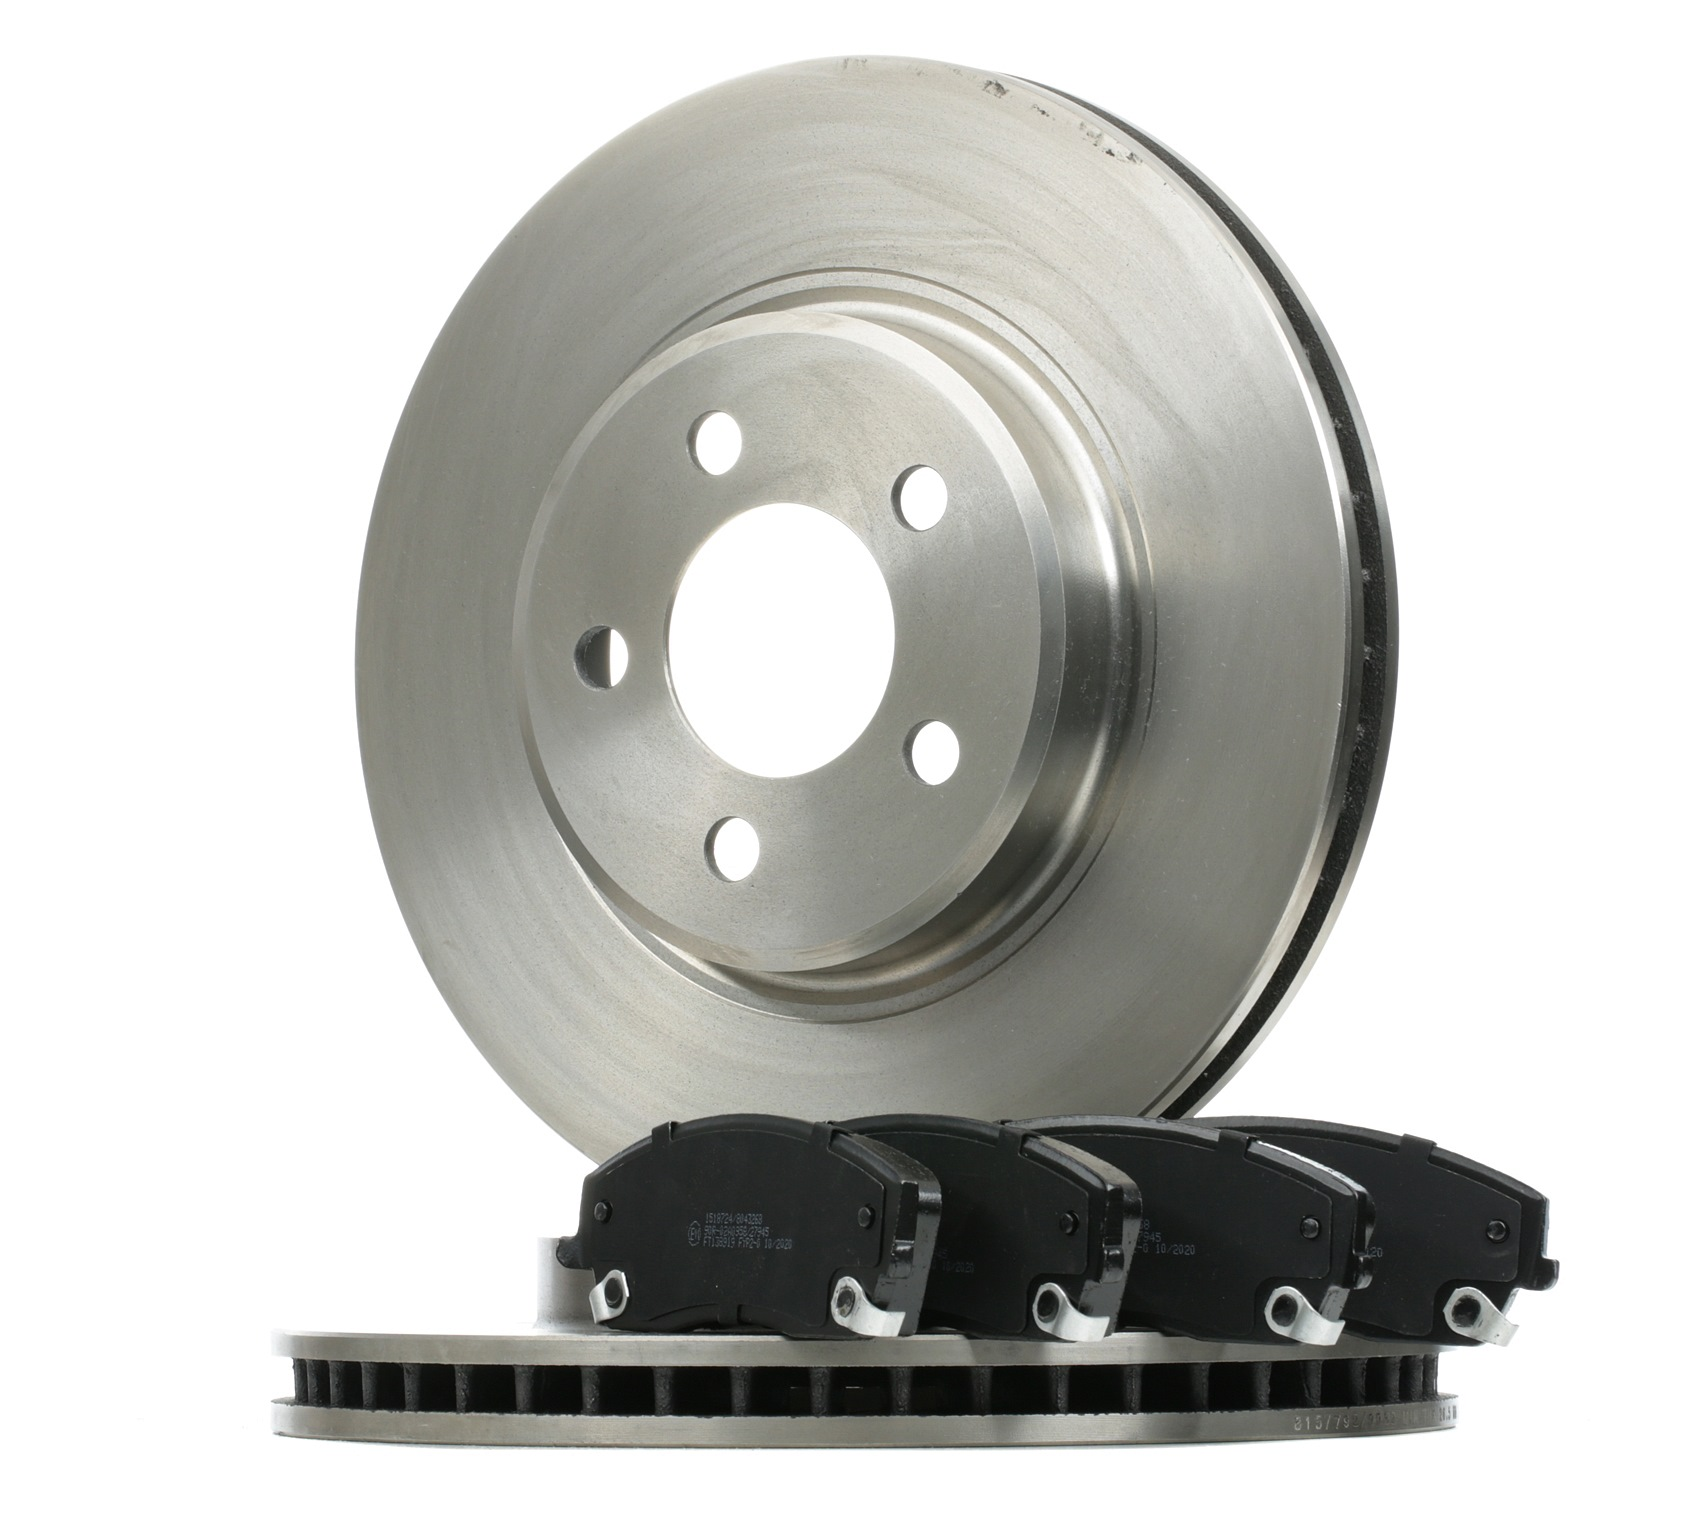 RIDEX: Original Bremsscheiben und Klötze 3405B1622 (Bremsscheibendicke: 18,8, 28mm)